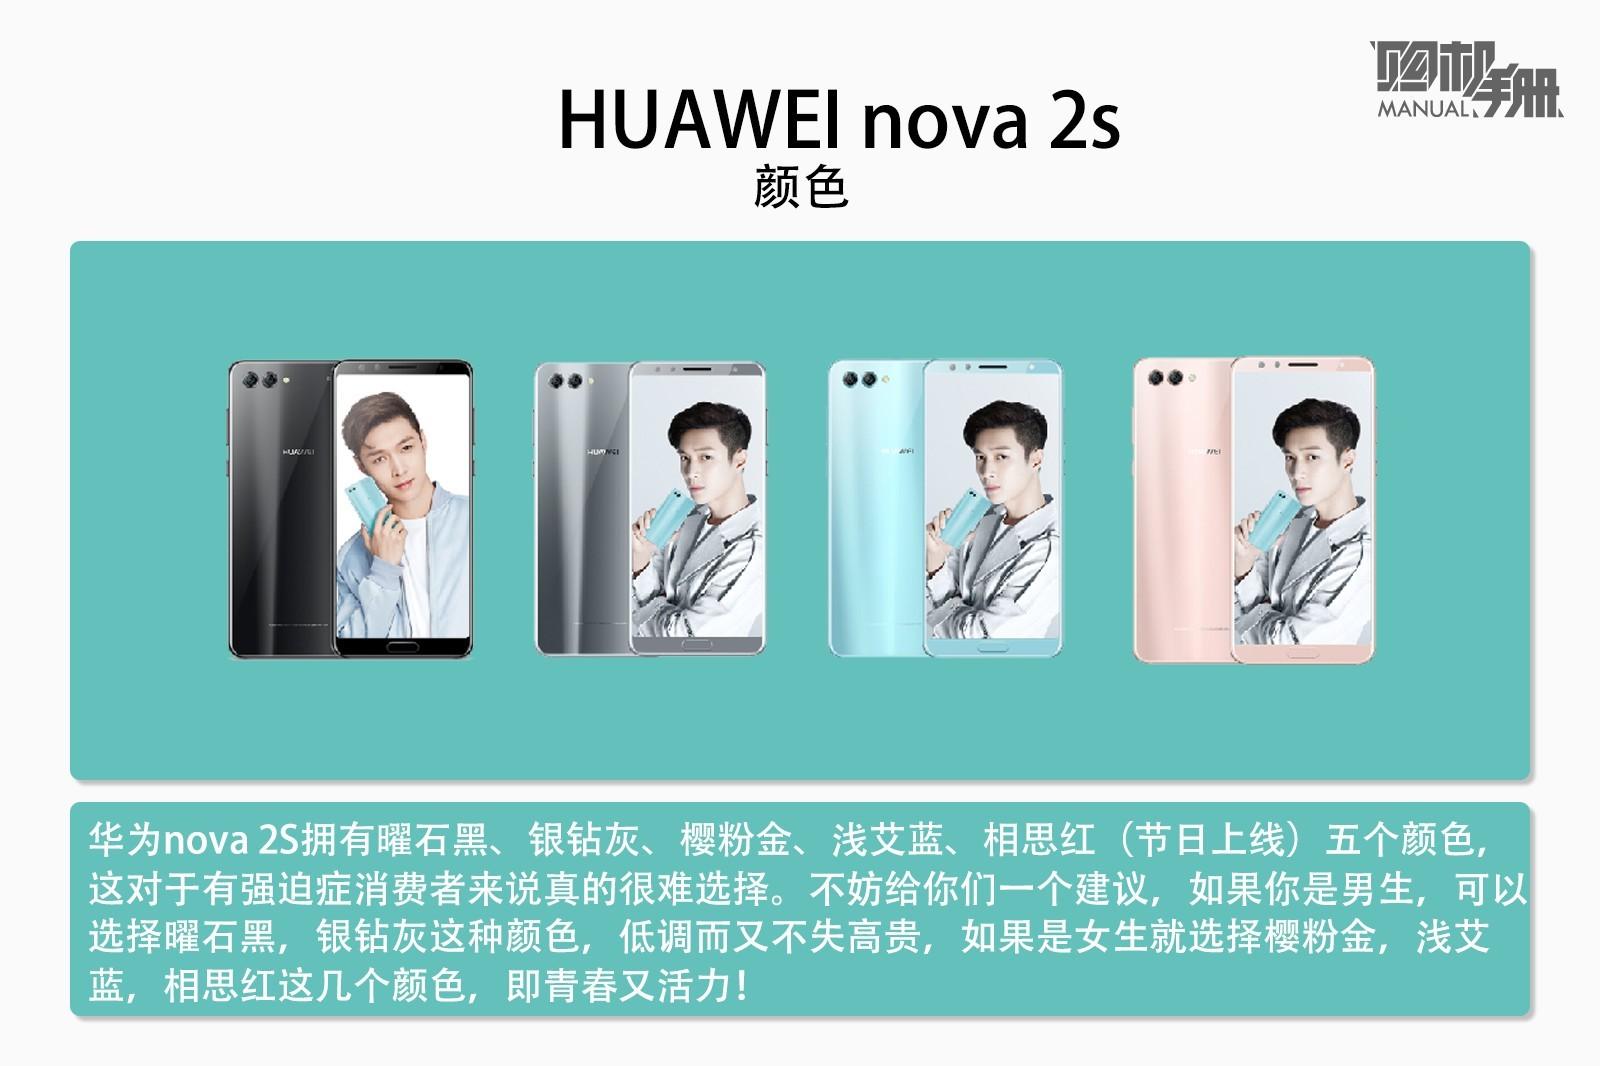 怎么拍都很漂亮 HUAWEI nova 2购买指南